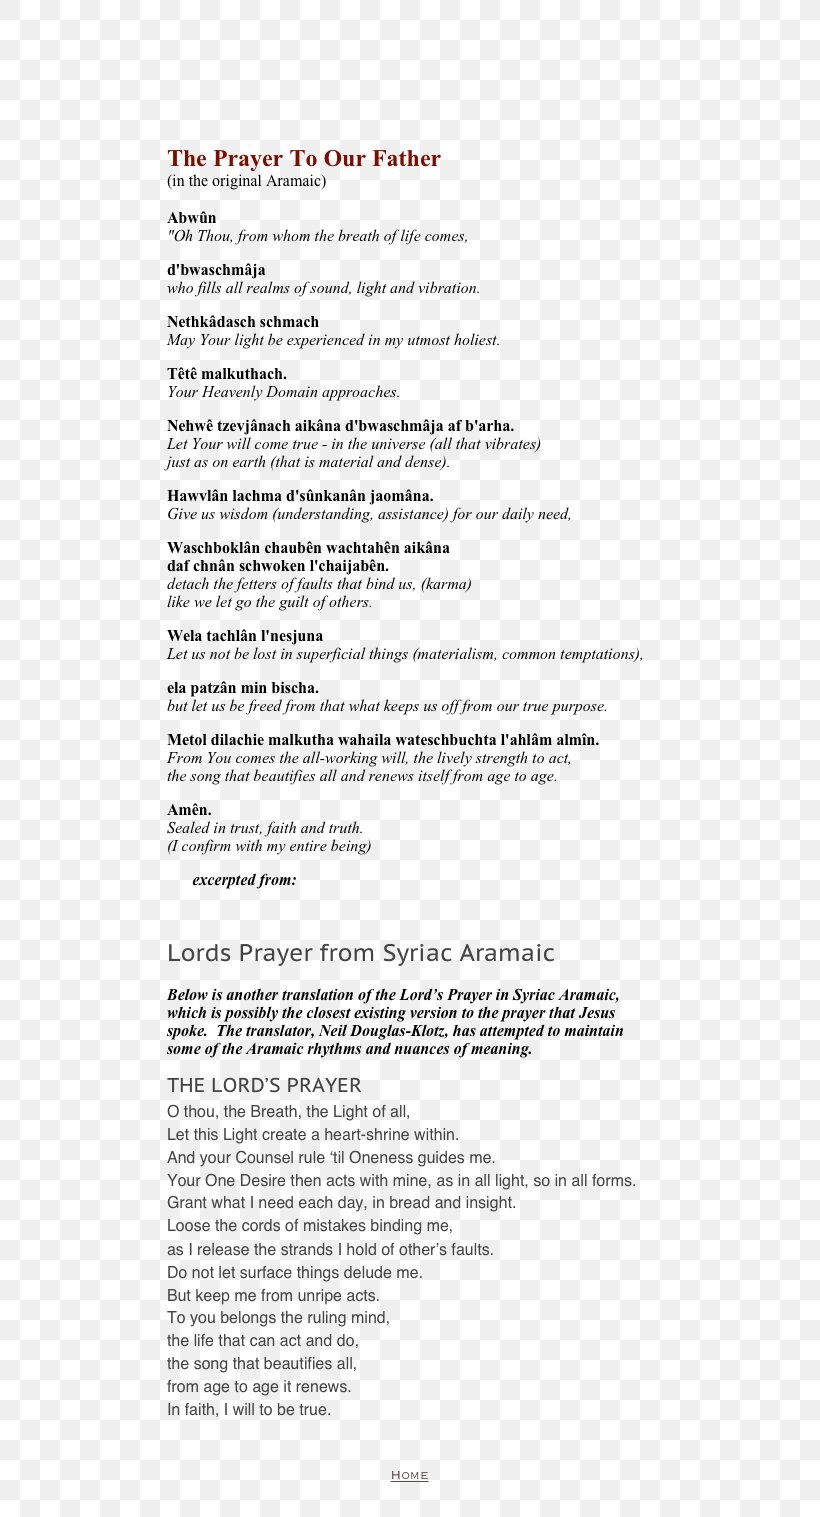 Résumé Cover Letter Document Retail, PNG, 521x1517px, Resume ...